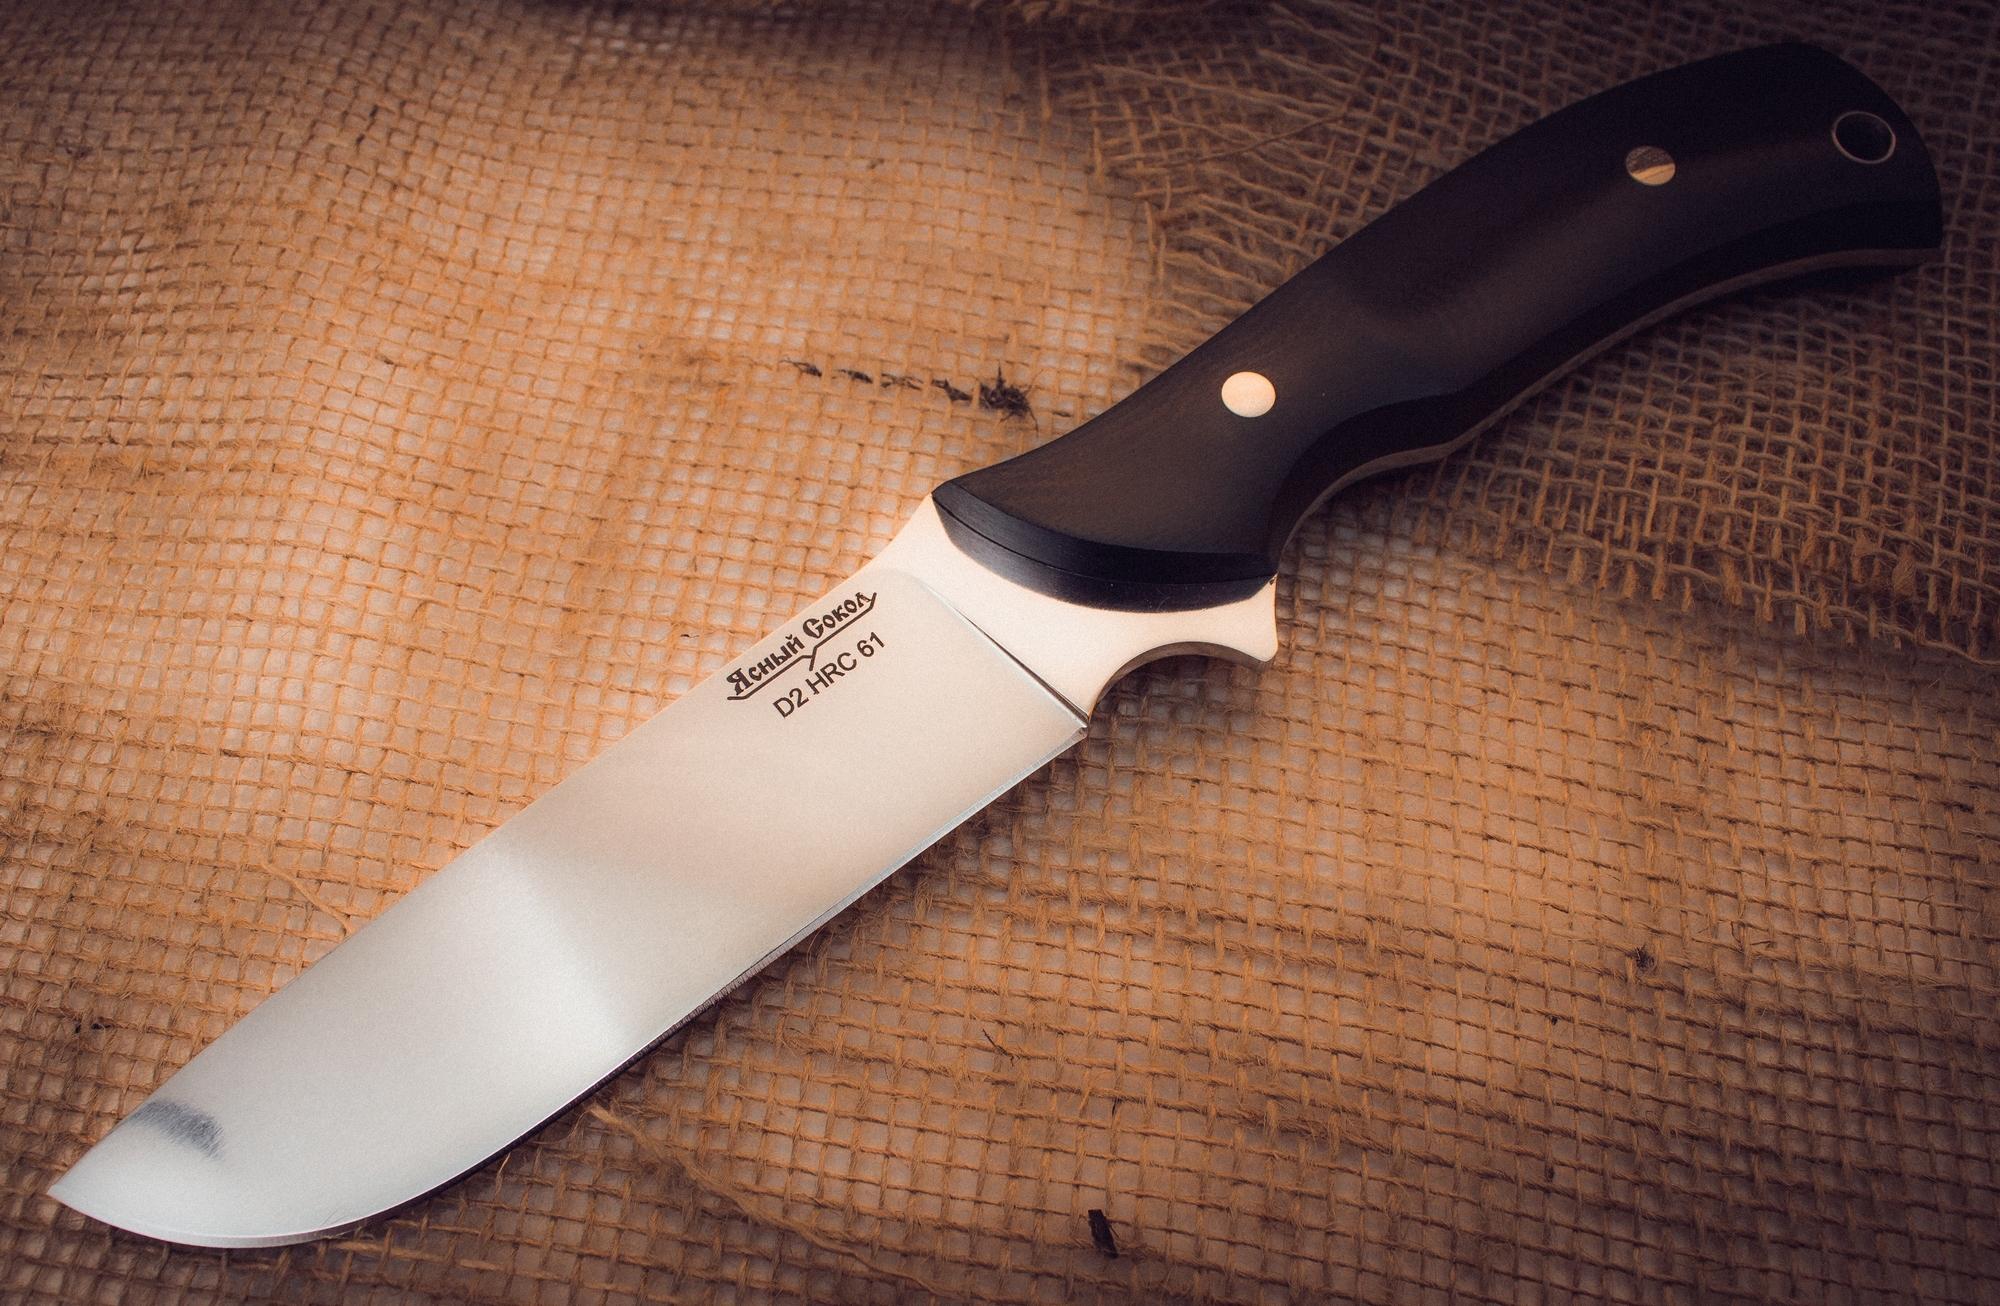 Цельнометаллический нож Охотник-2, сталь D2 нож охотничий ножемир длина клинка 12 2 см